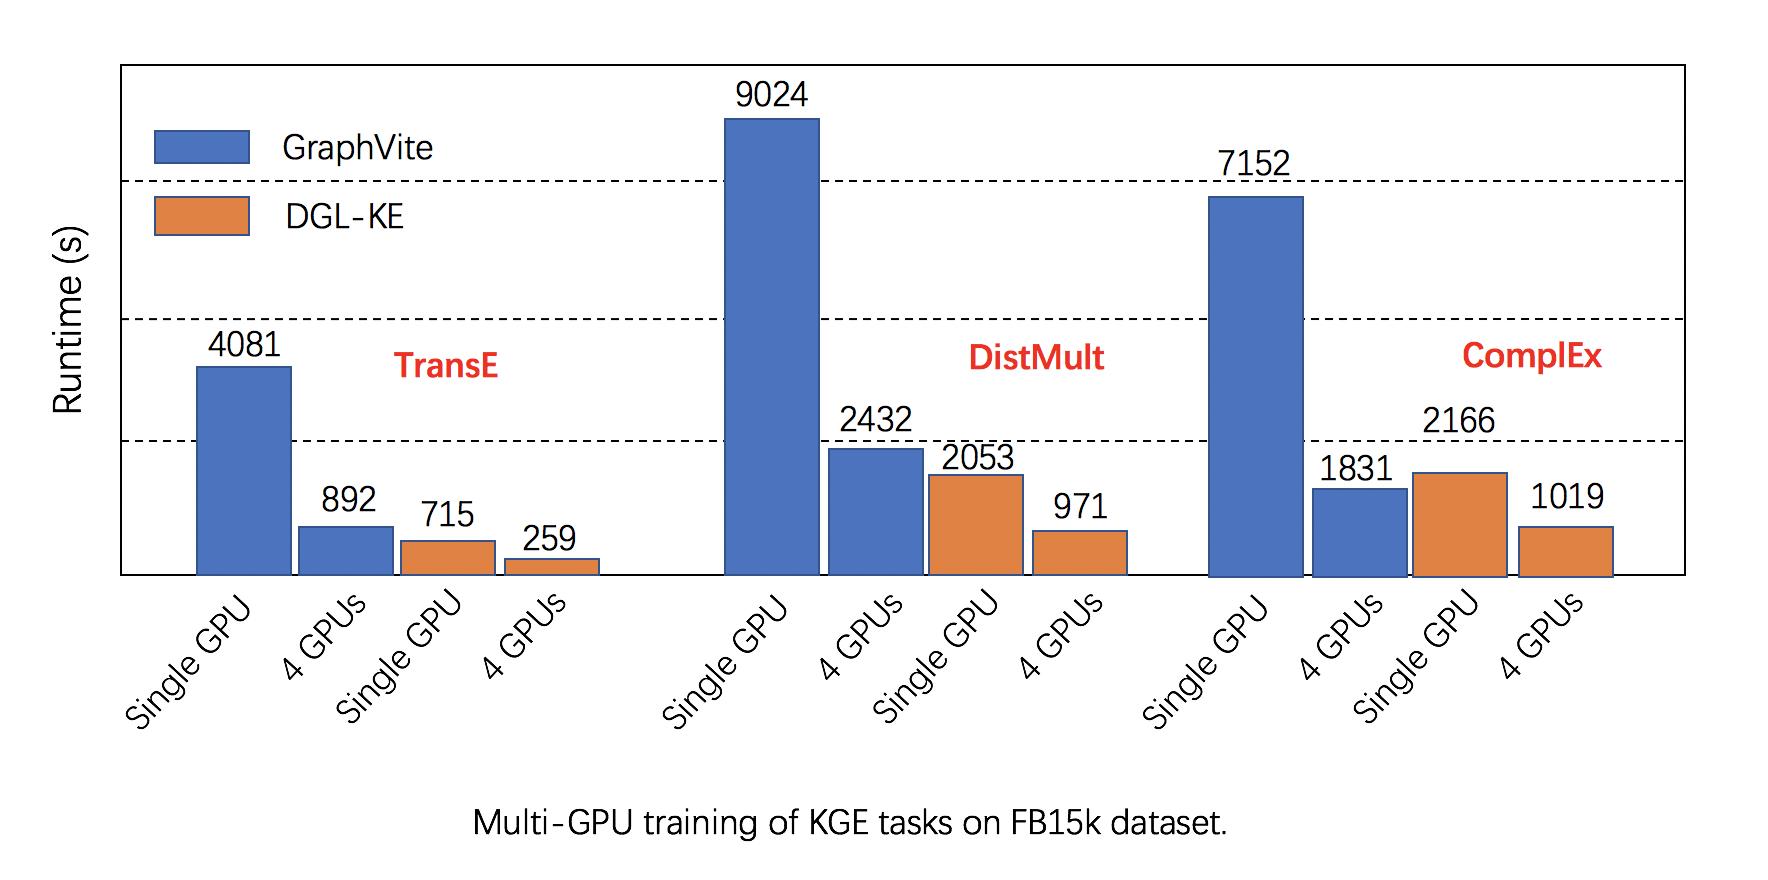 http://data.dgl.ai/asset/image/one-four-GPUs-DGLvsGraphVite.png